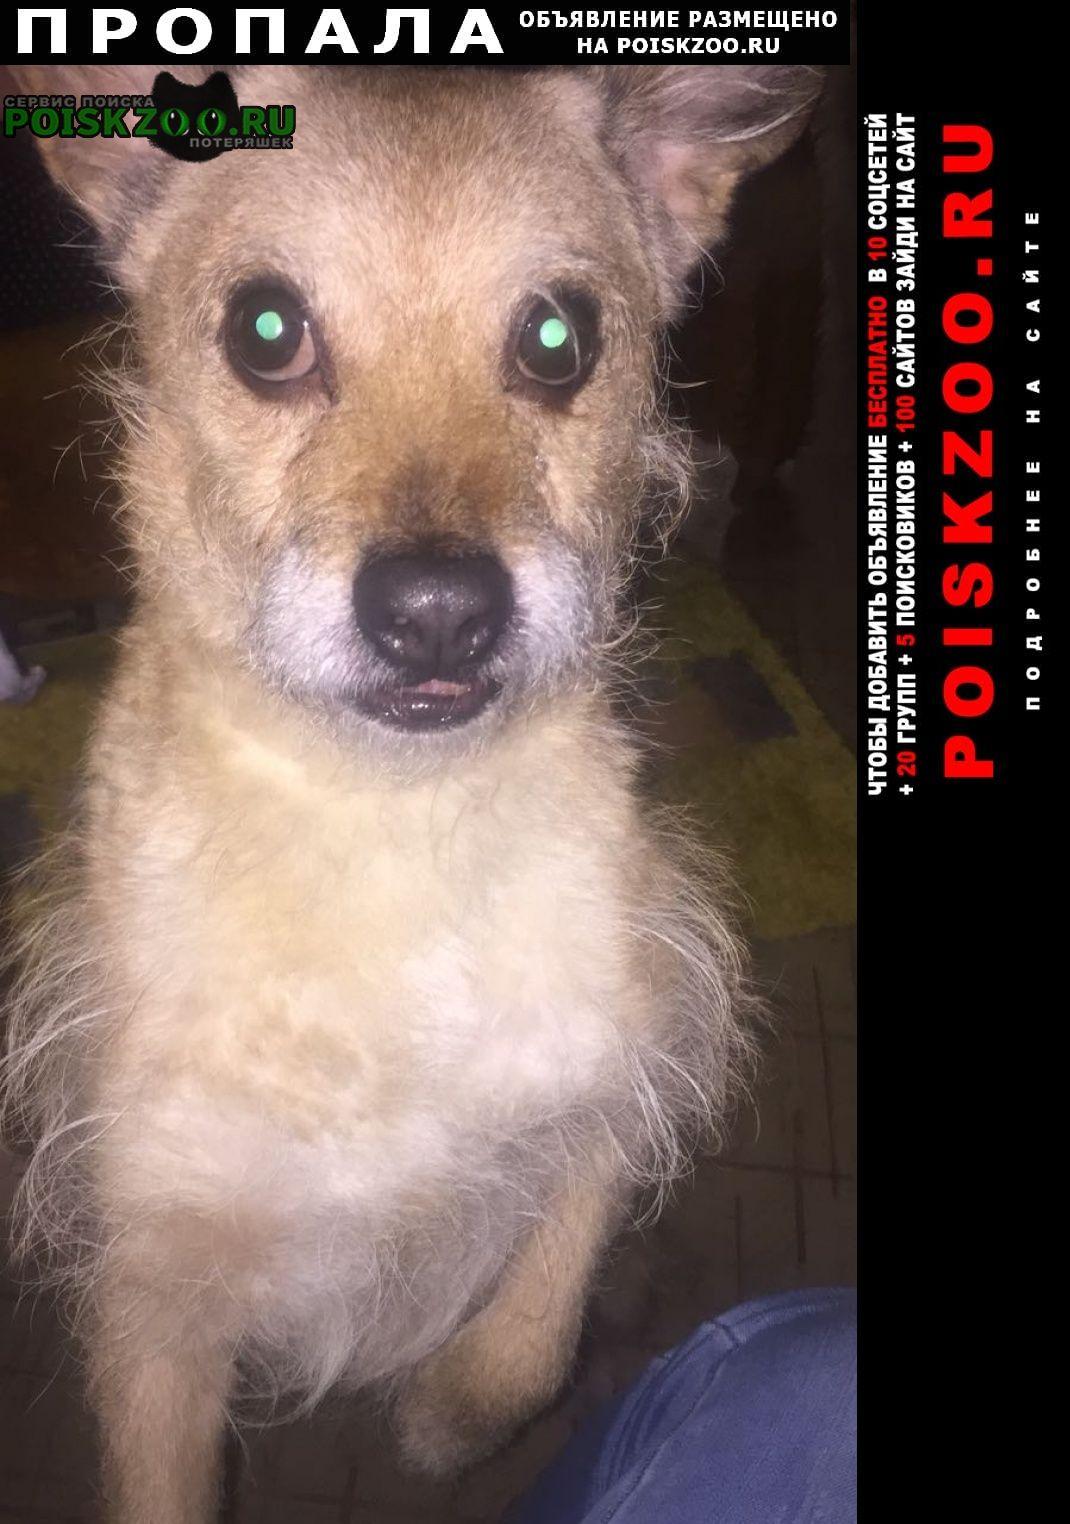 Пропала собака кобель брюс.. в люблино г.Москва